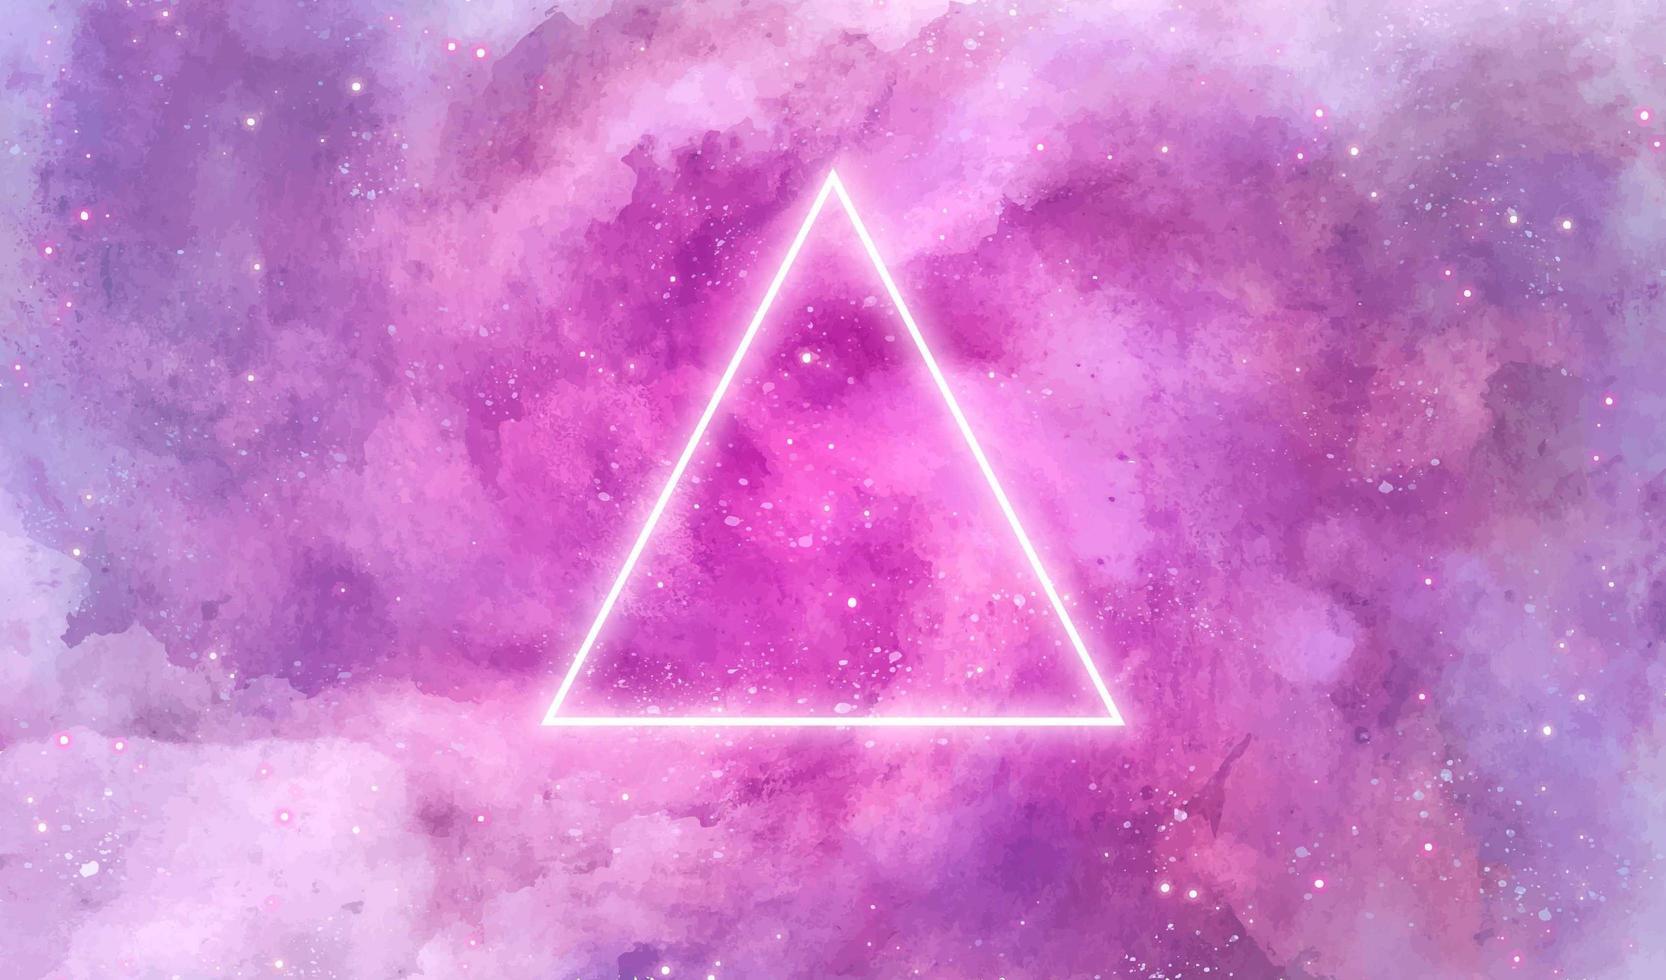 textura aquarela galáxia com triângulo de néon vetor